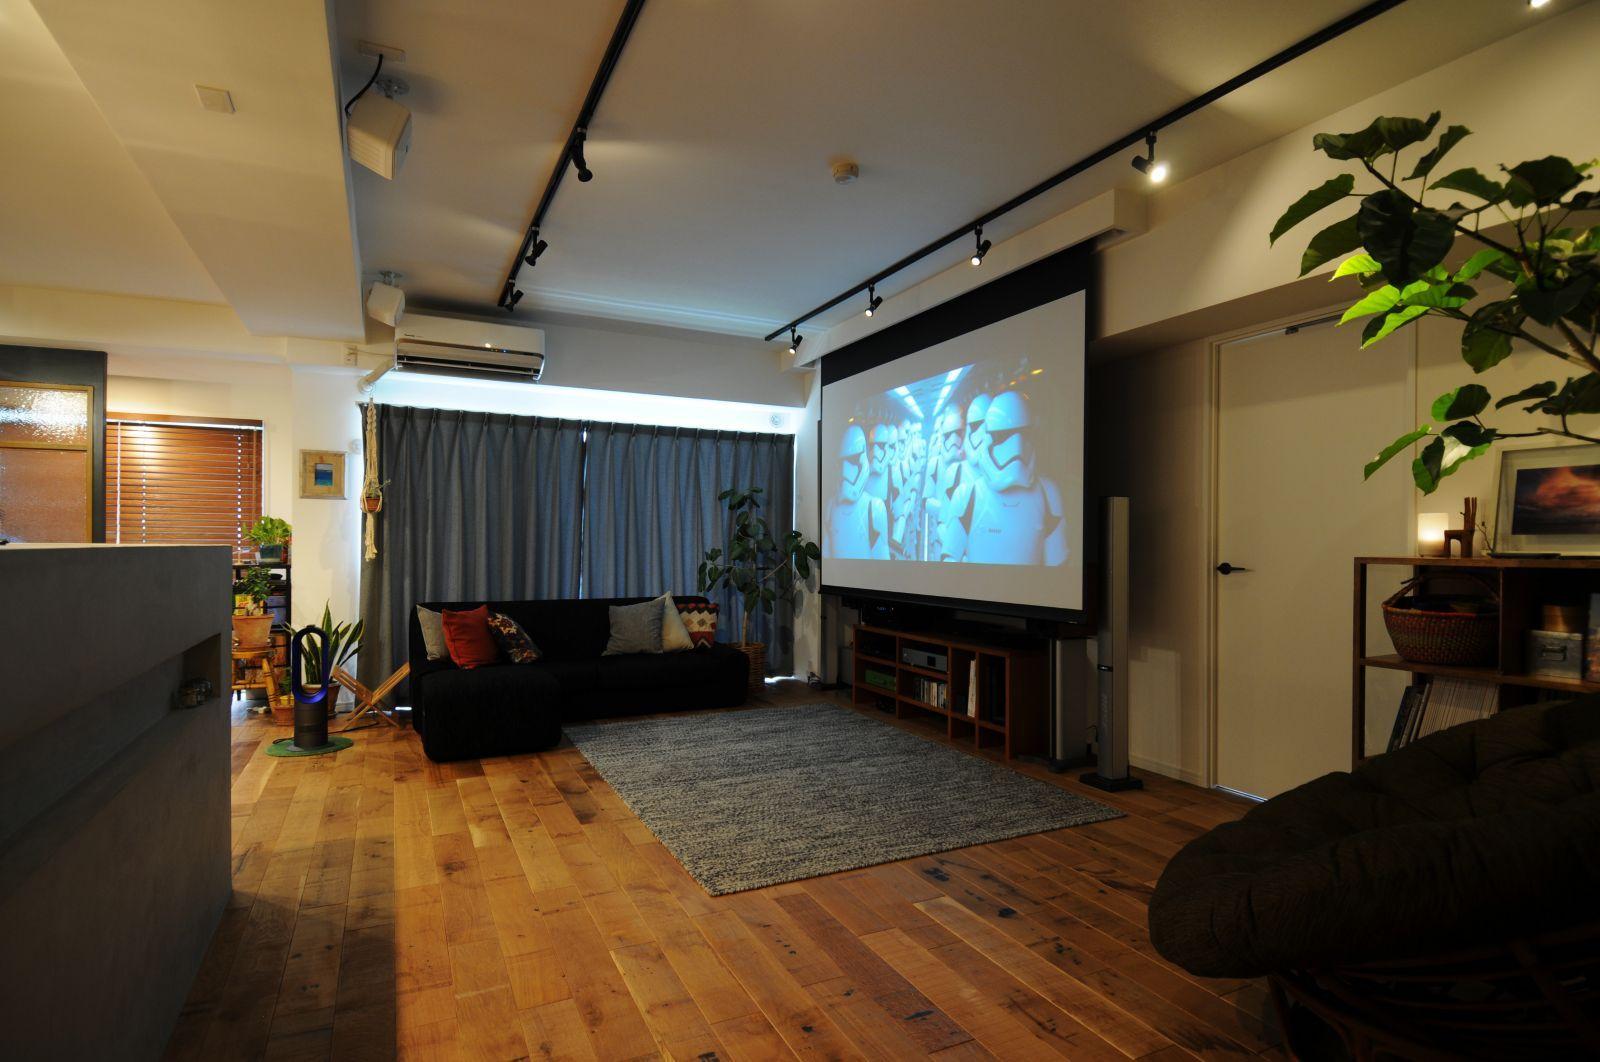 自然体でいられる家 ワンストップマンションリノベーション 総費用